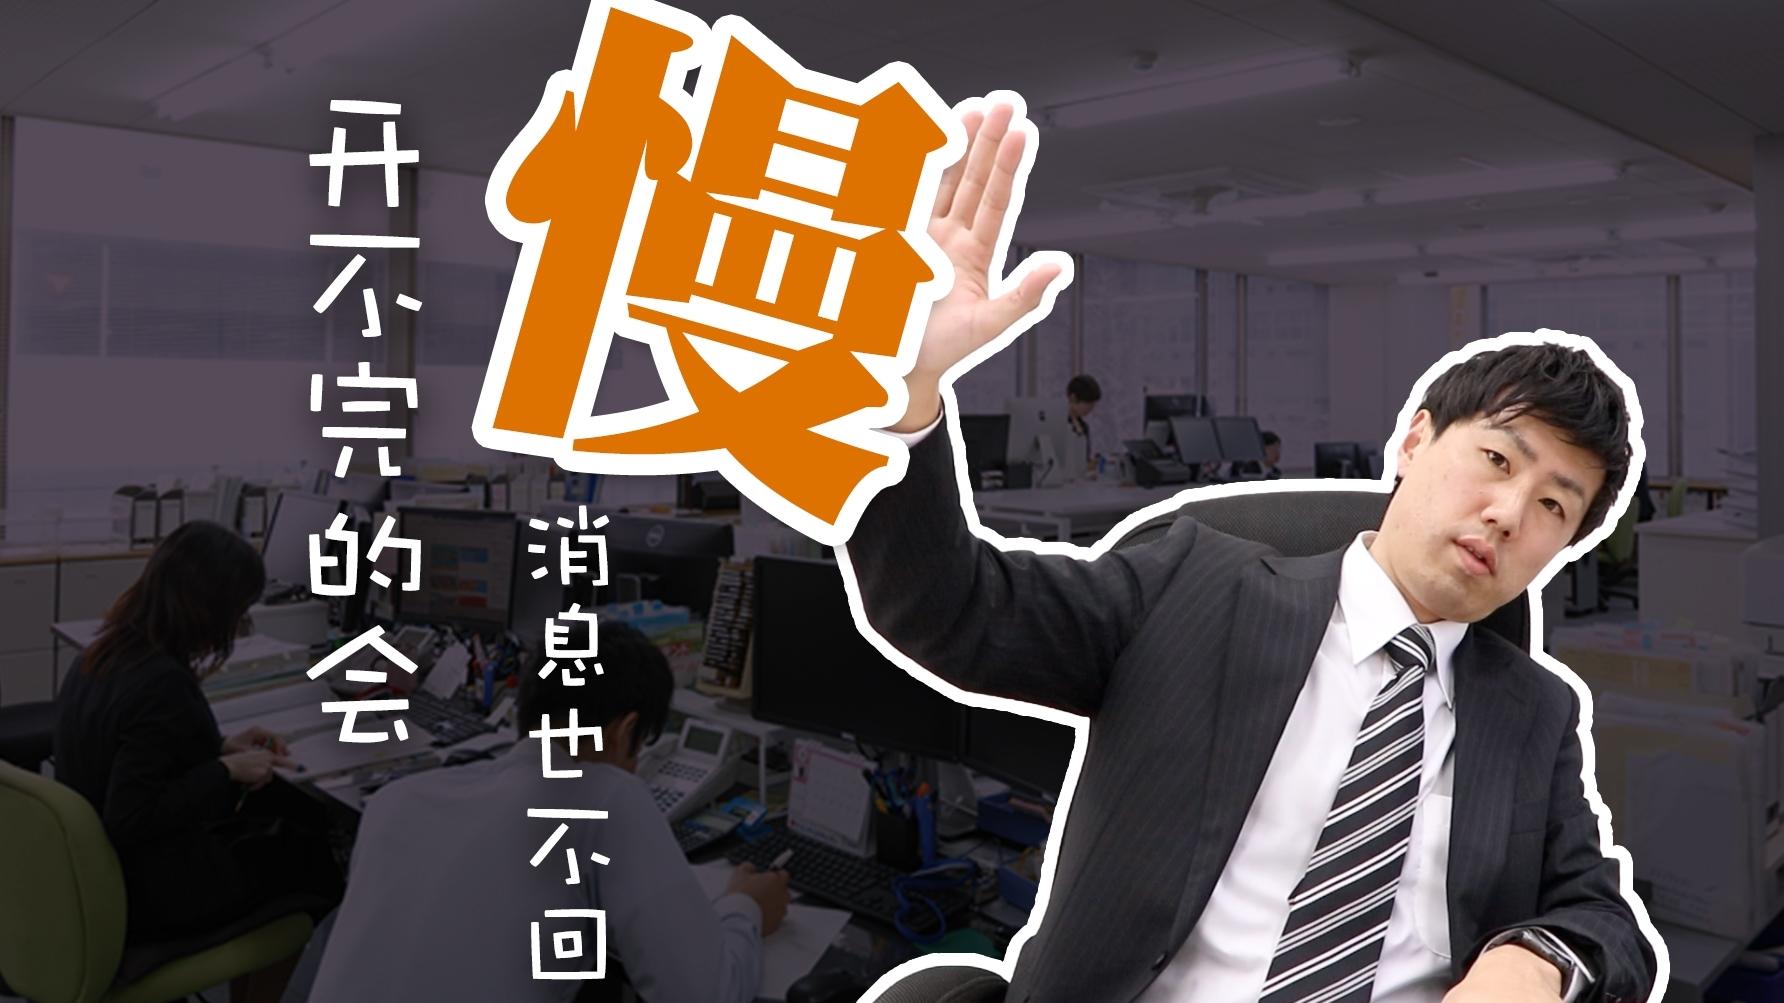 【粉丝提问】为什么日本公司这么慢